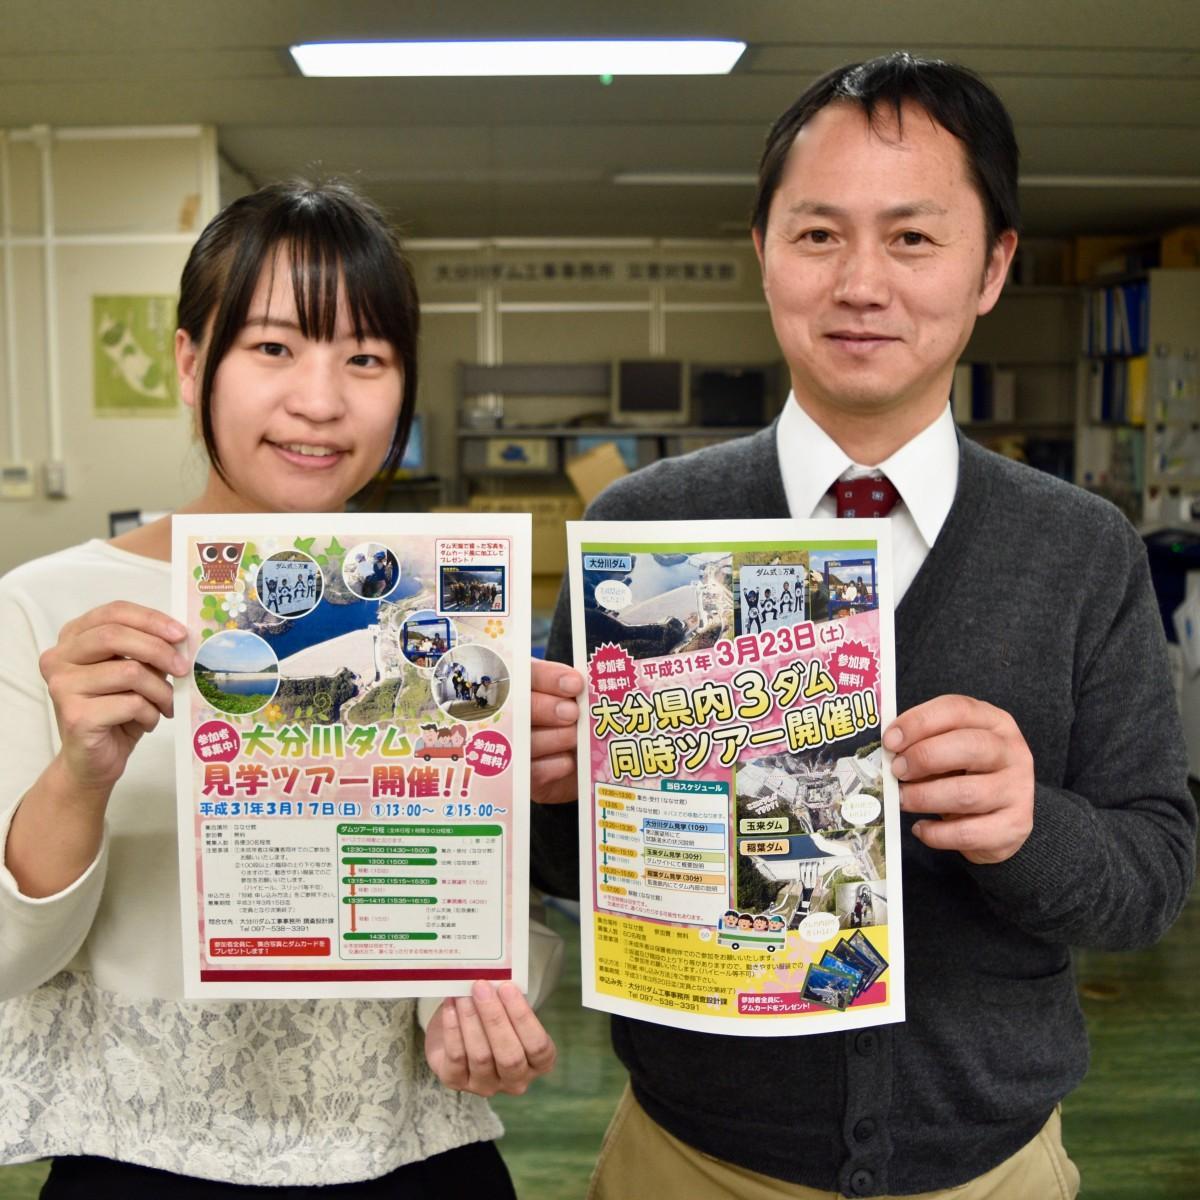 ツアー参加を呼びかける大分川ダム工事事務所